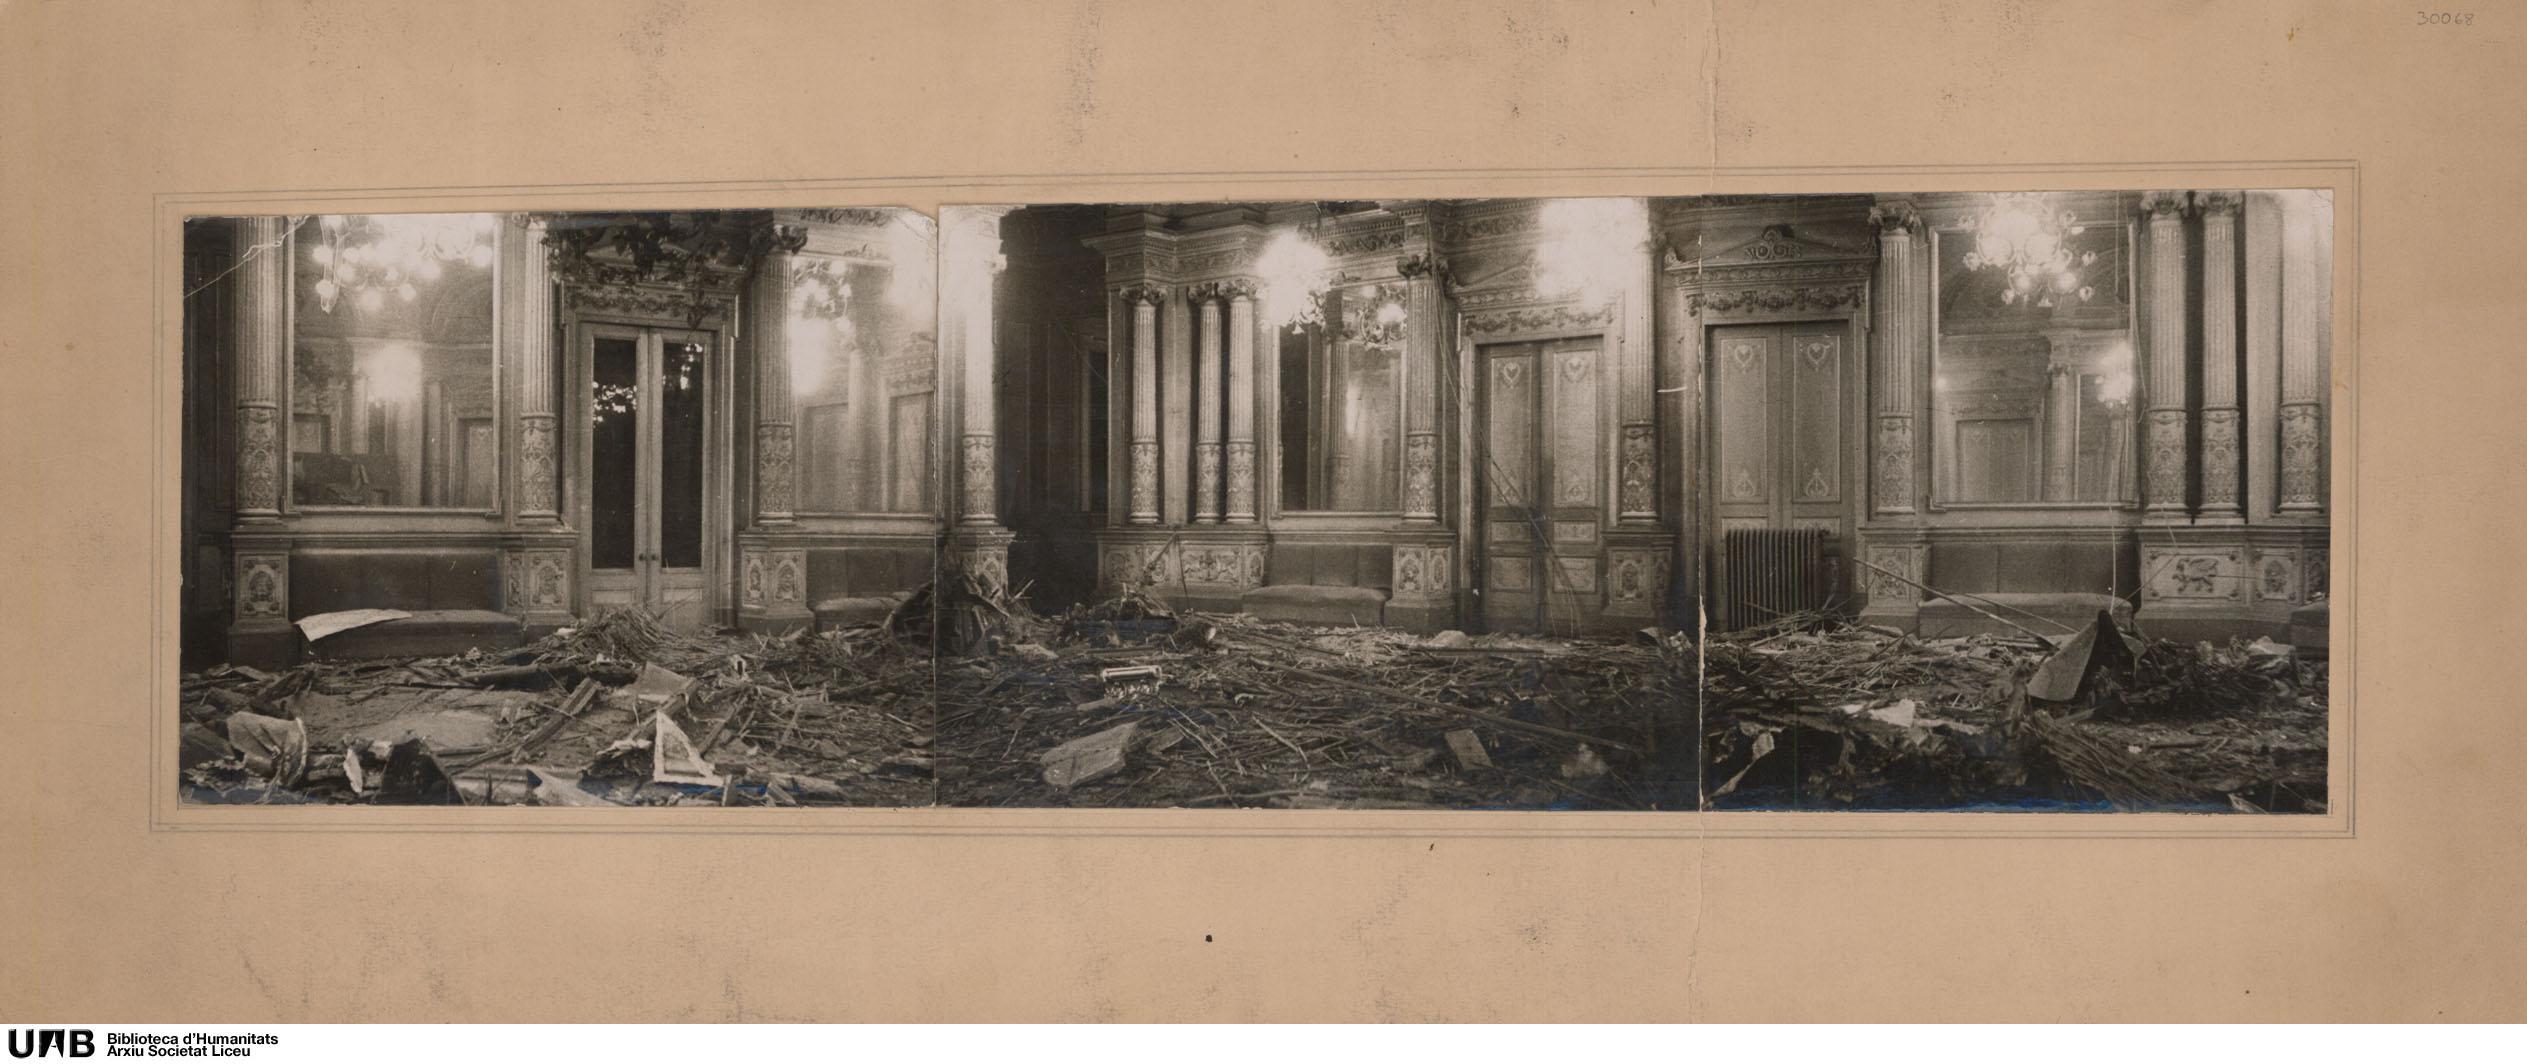 Fotografia del saló de descans amb el fals sostre derruït